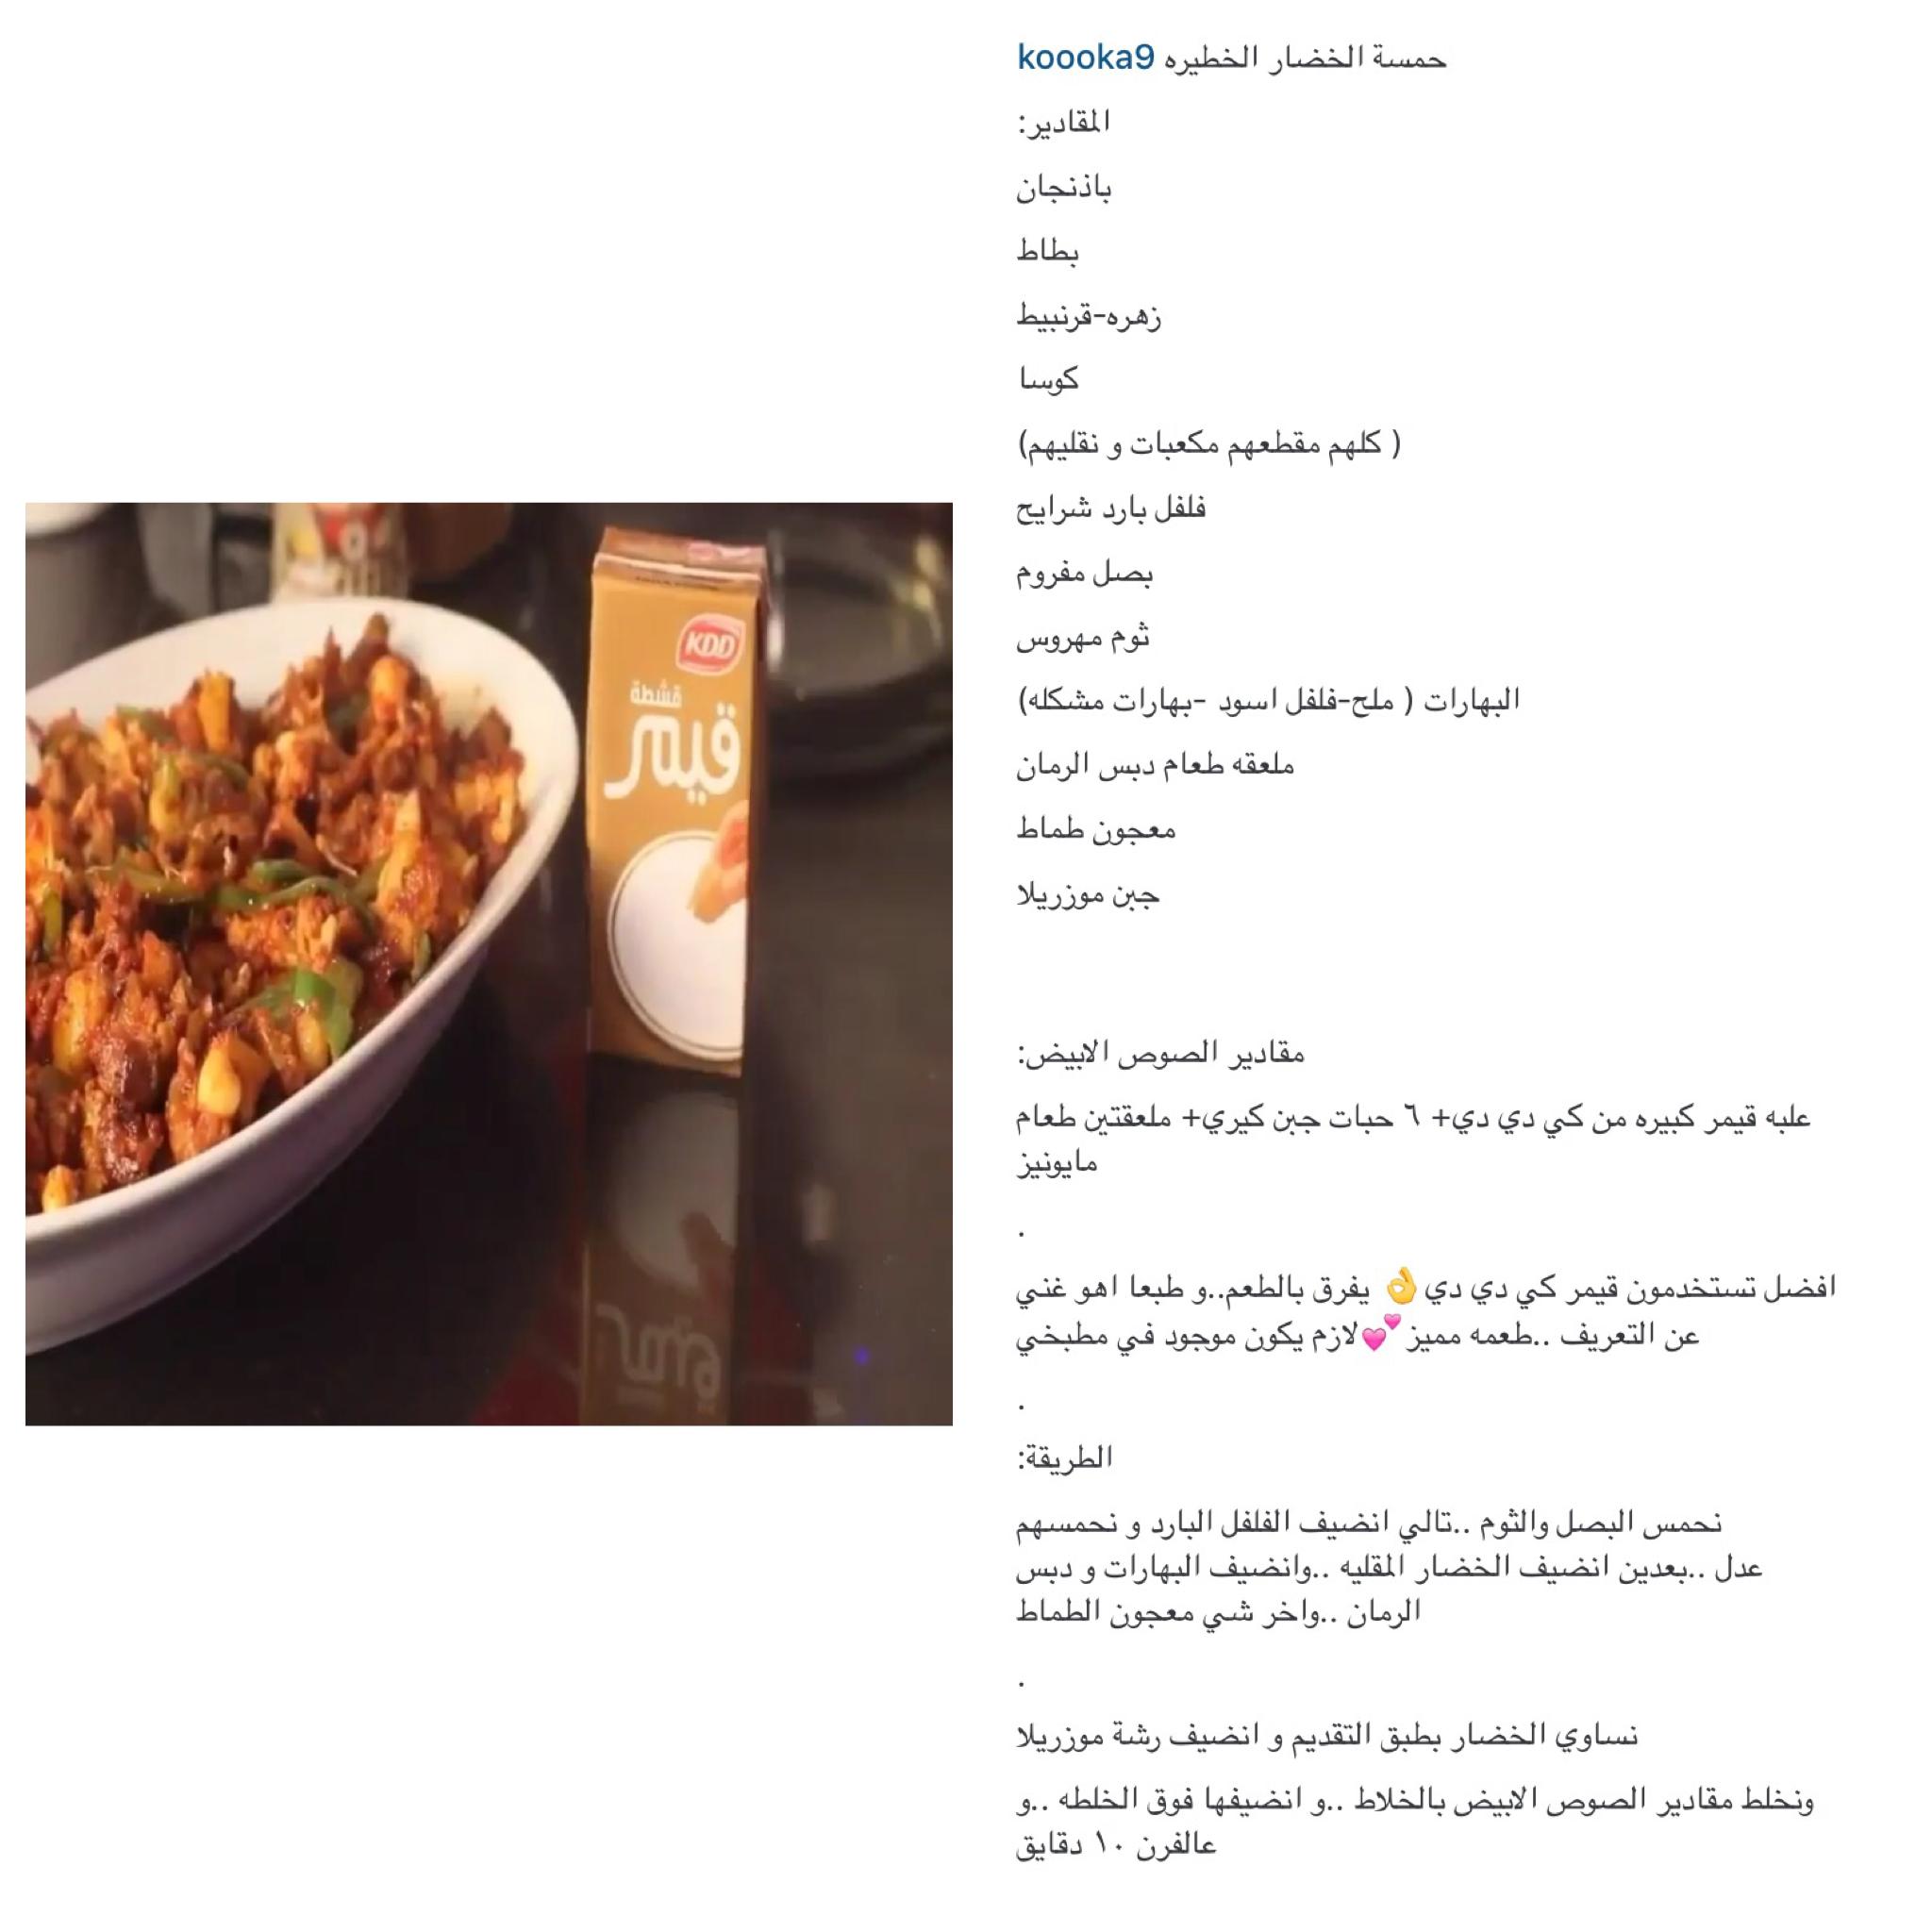 حمسة الخضار Cooking Arabic Food Food